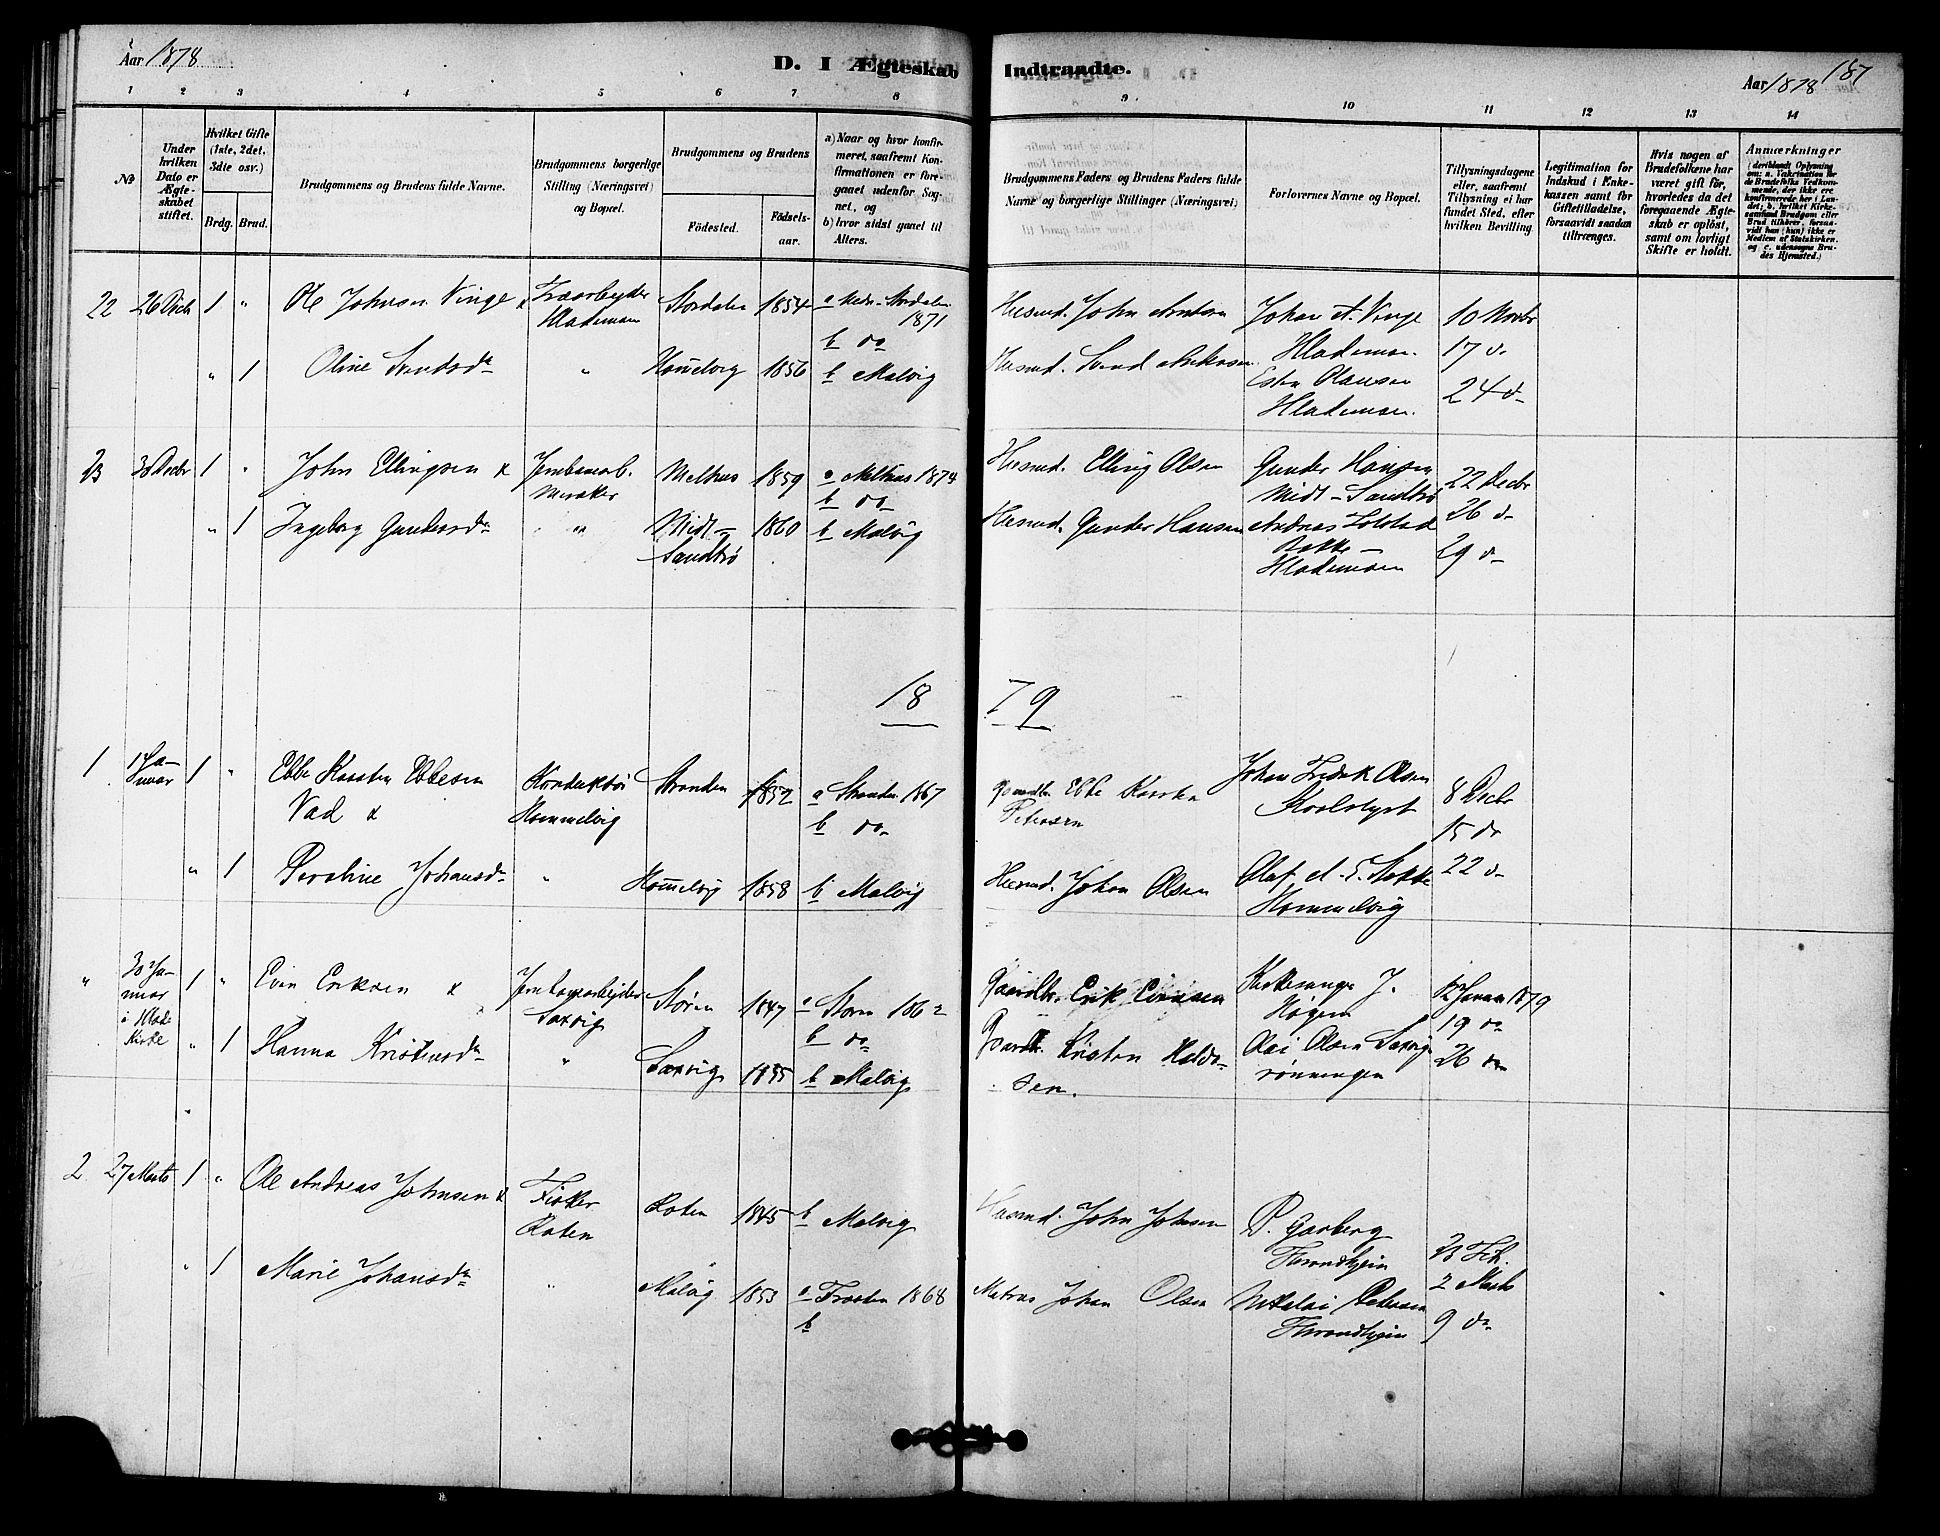 SAT, Ministerialprotokoller, klokkerbøker og fødselsregistre - Sør-Trøndelag, 616/L0410: Ministerialbok nr. 616A07, 1878-1893, s. 187